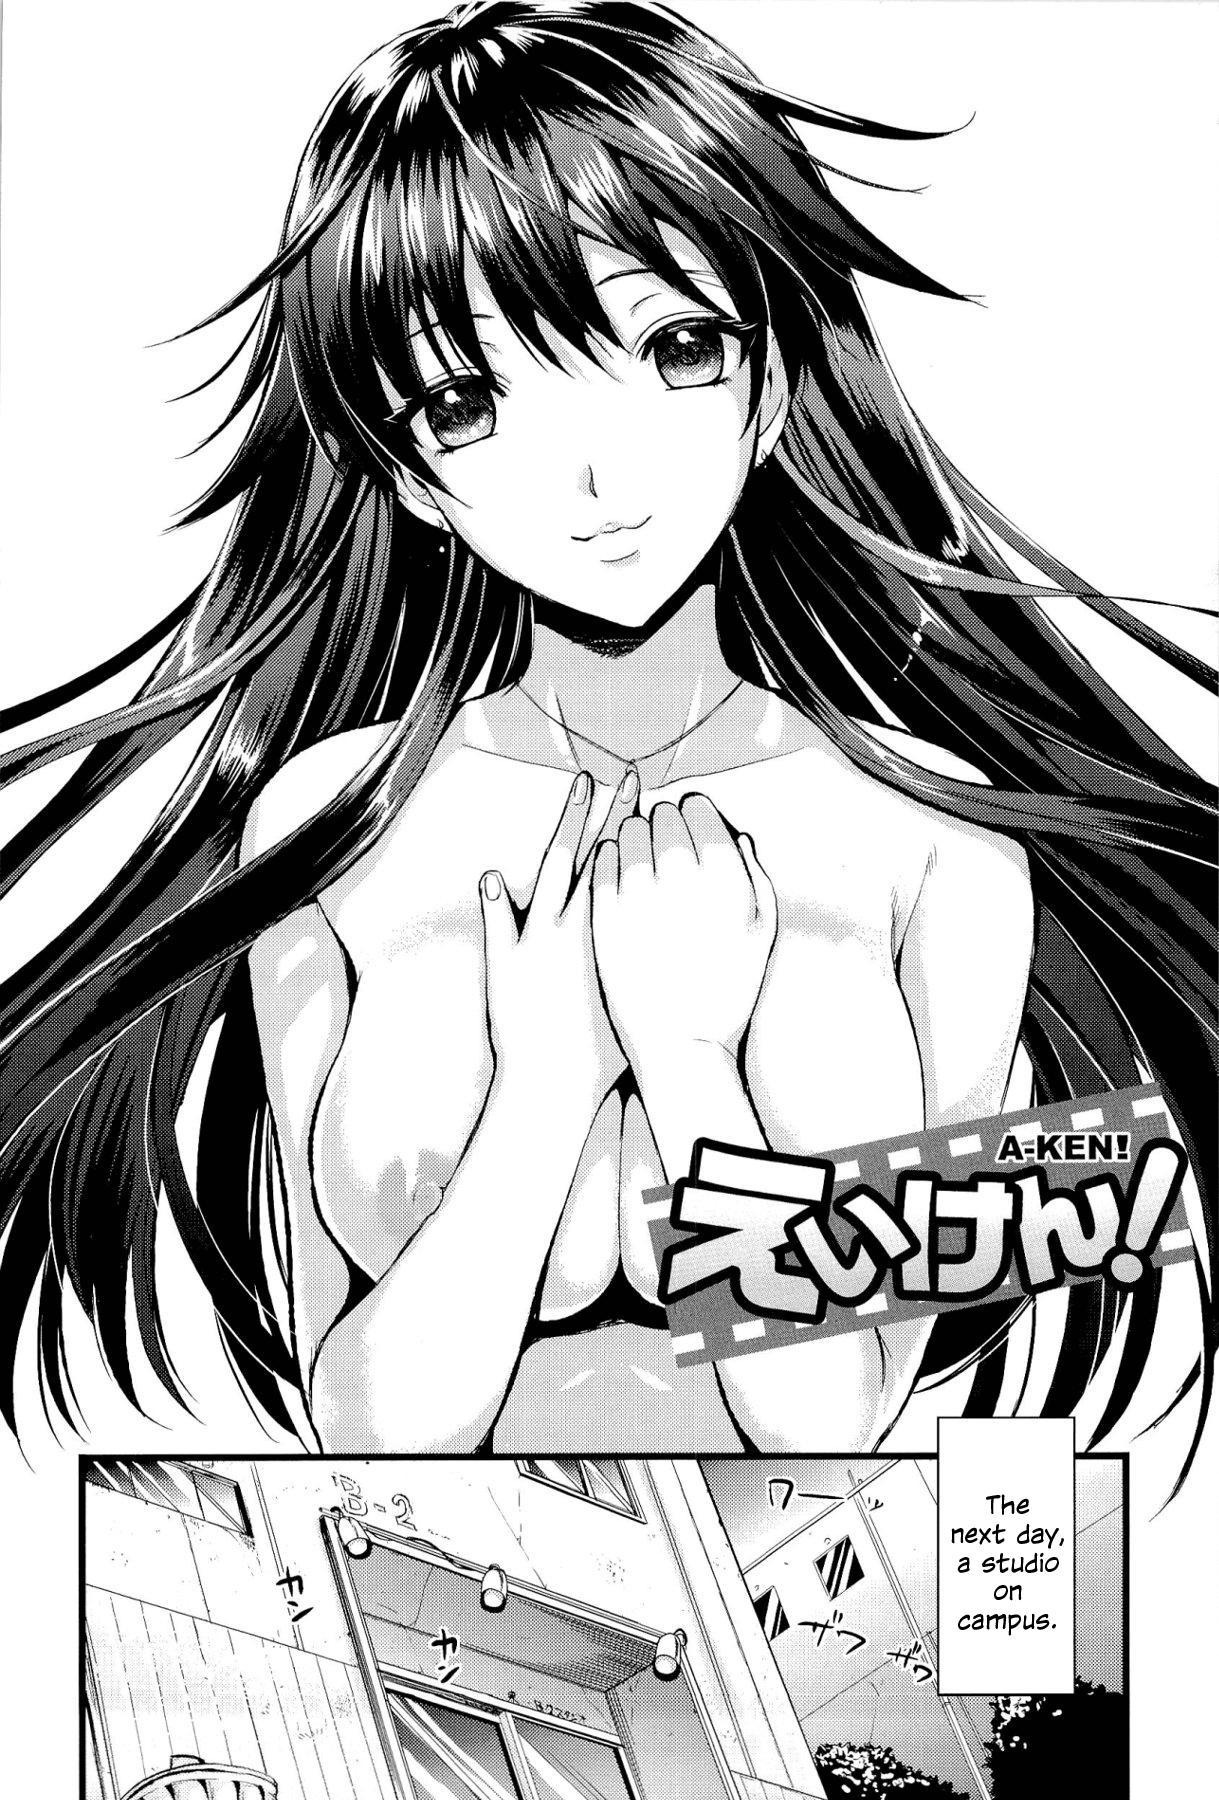 [Kojima Saya] Boku to Kanojo no Shujuu Kankei - Me And Her Master-Servant Relationship Ch. 1-3 [English] [freudia] 9